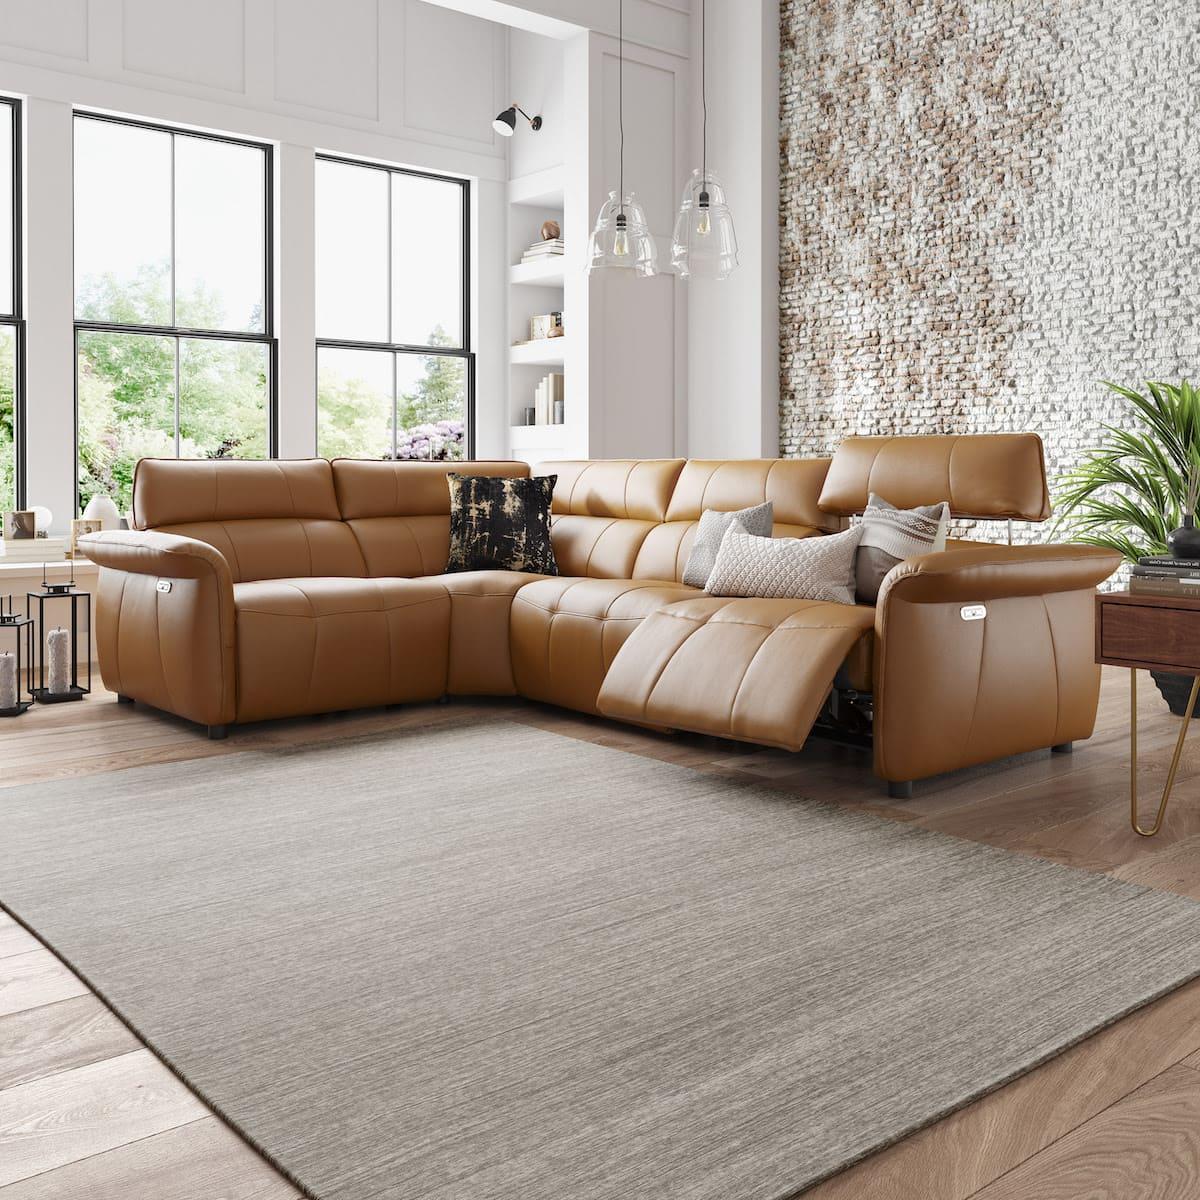 design d'intérieur d'un appartement à la mode photo 17